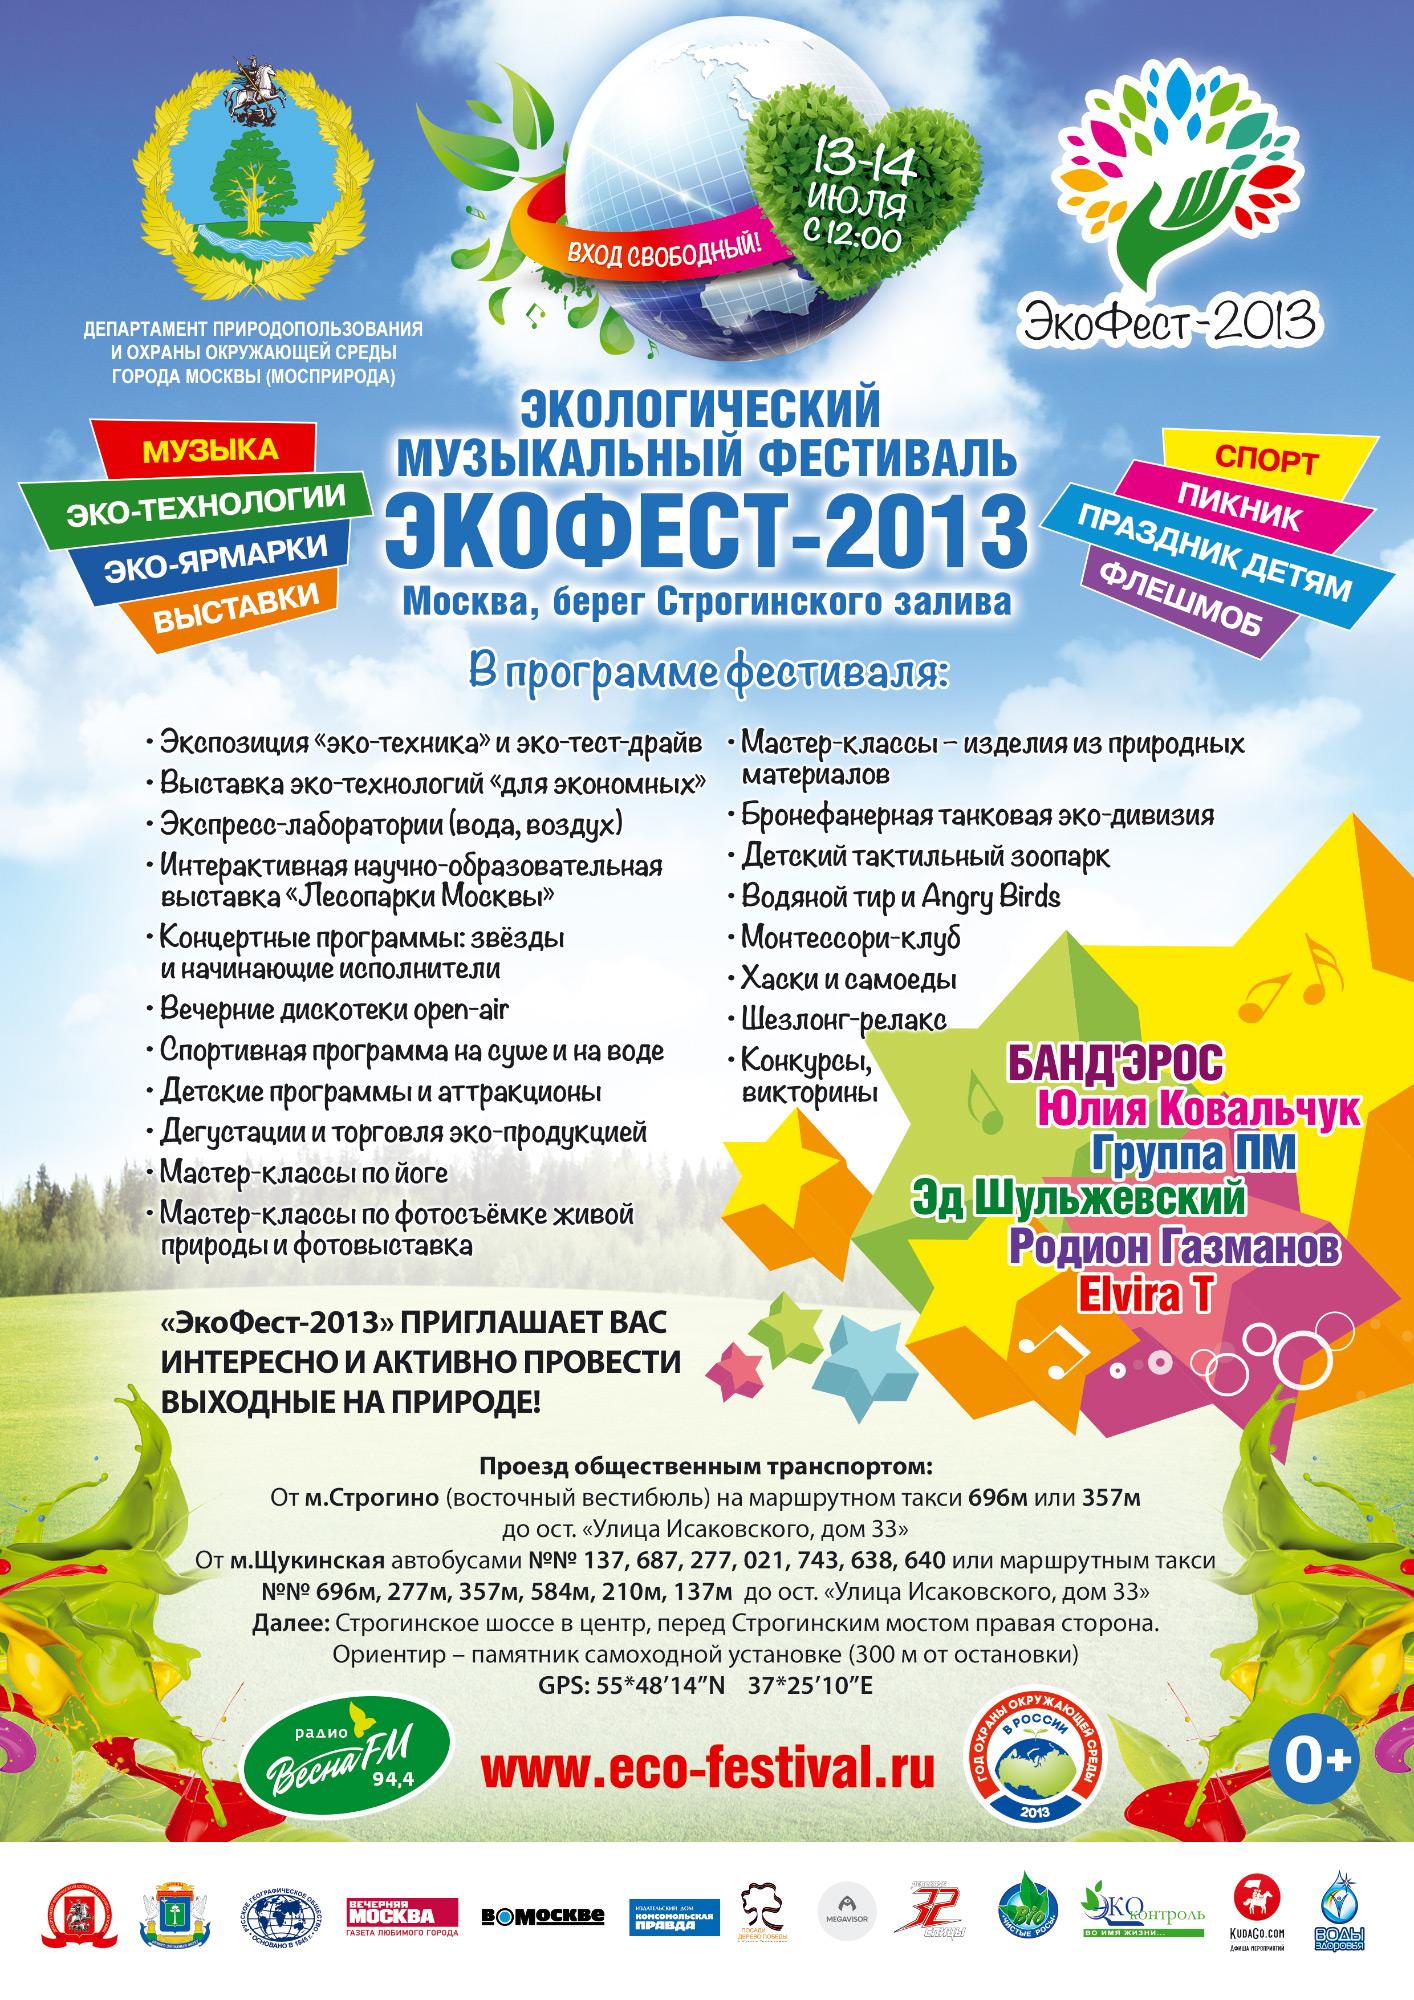 Массовые мероприятия Экологический музыкальный фестиваль ЭКОФЕСТ-2013